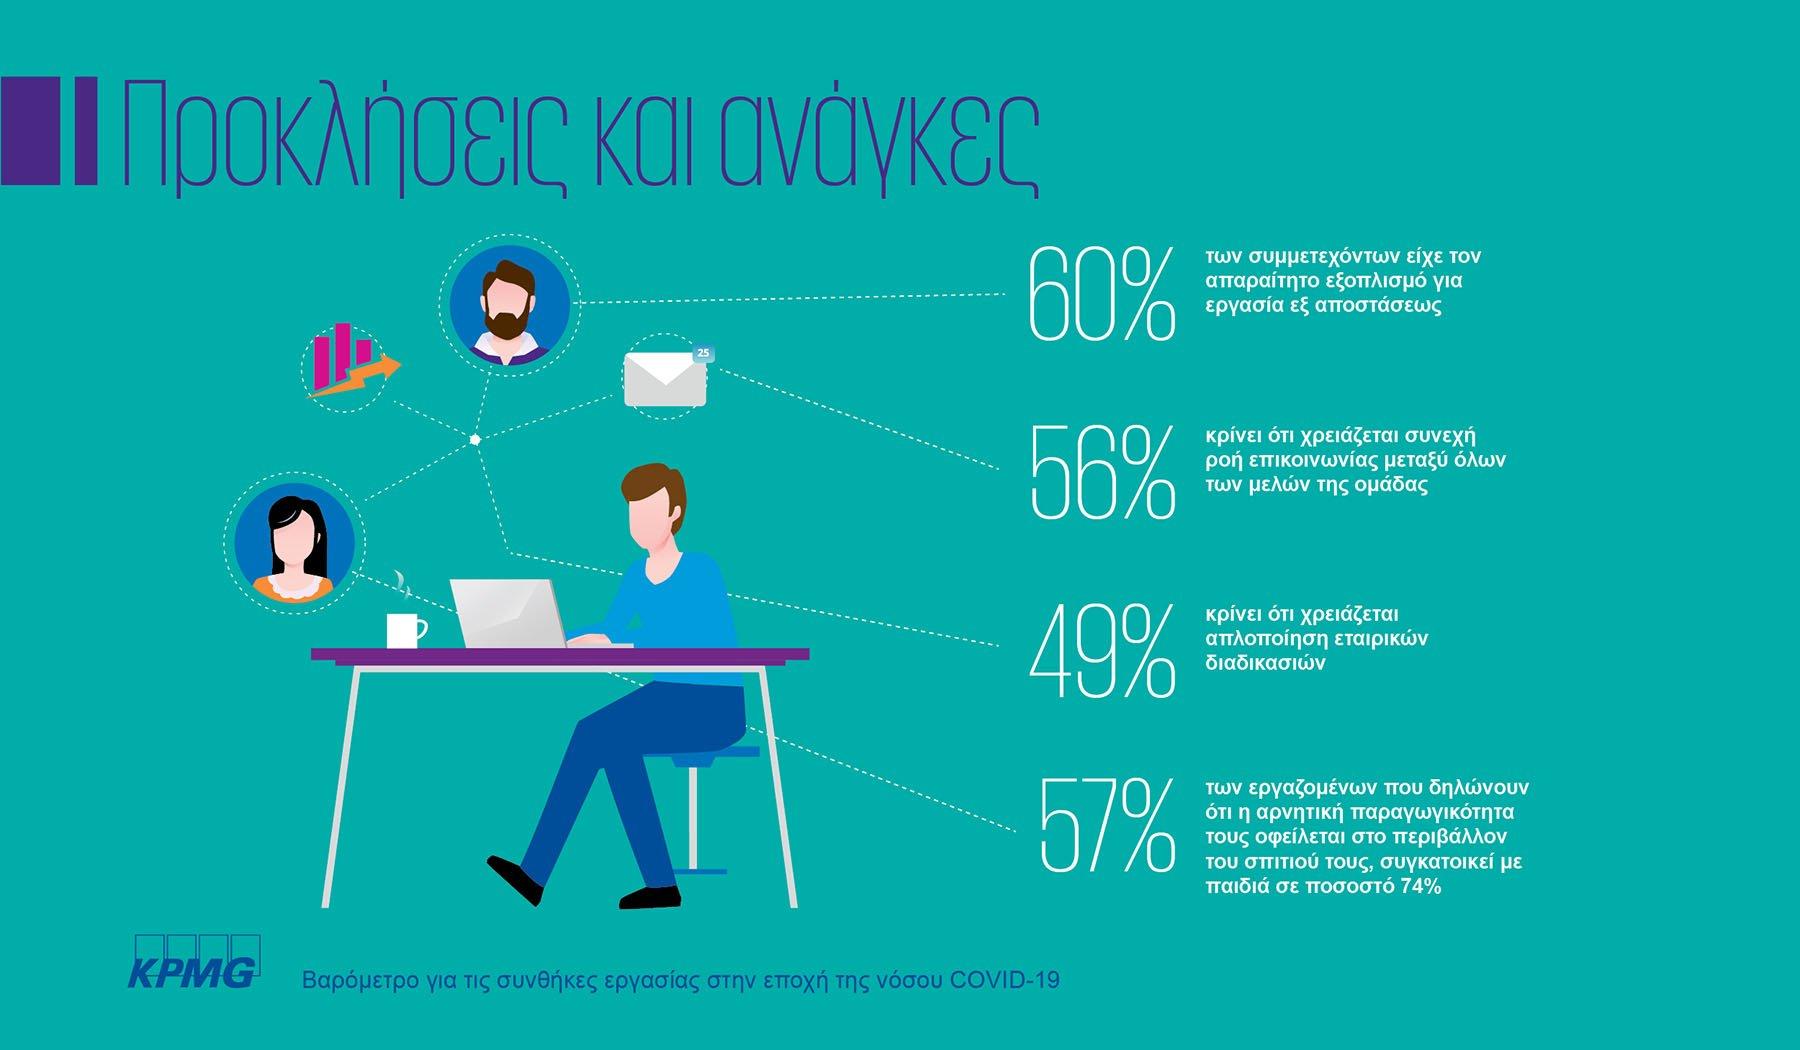 Εναρμονισμένοι με τον ψηφιακό μετασχηματισμό και την εξ αποστάσεως εργασία οι Έλληνες εργαζόμενοι 4